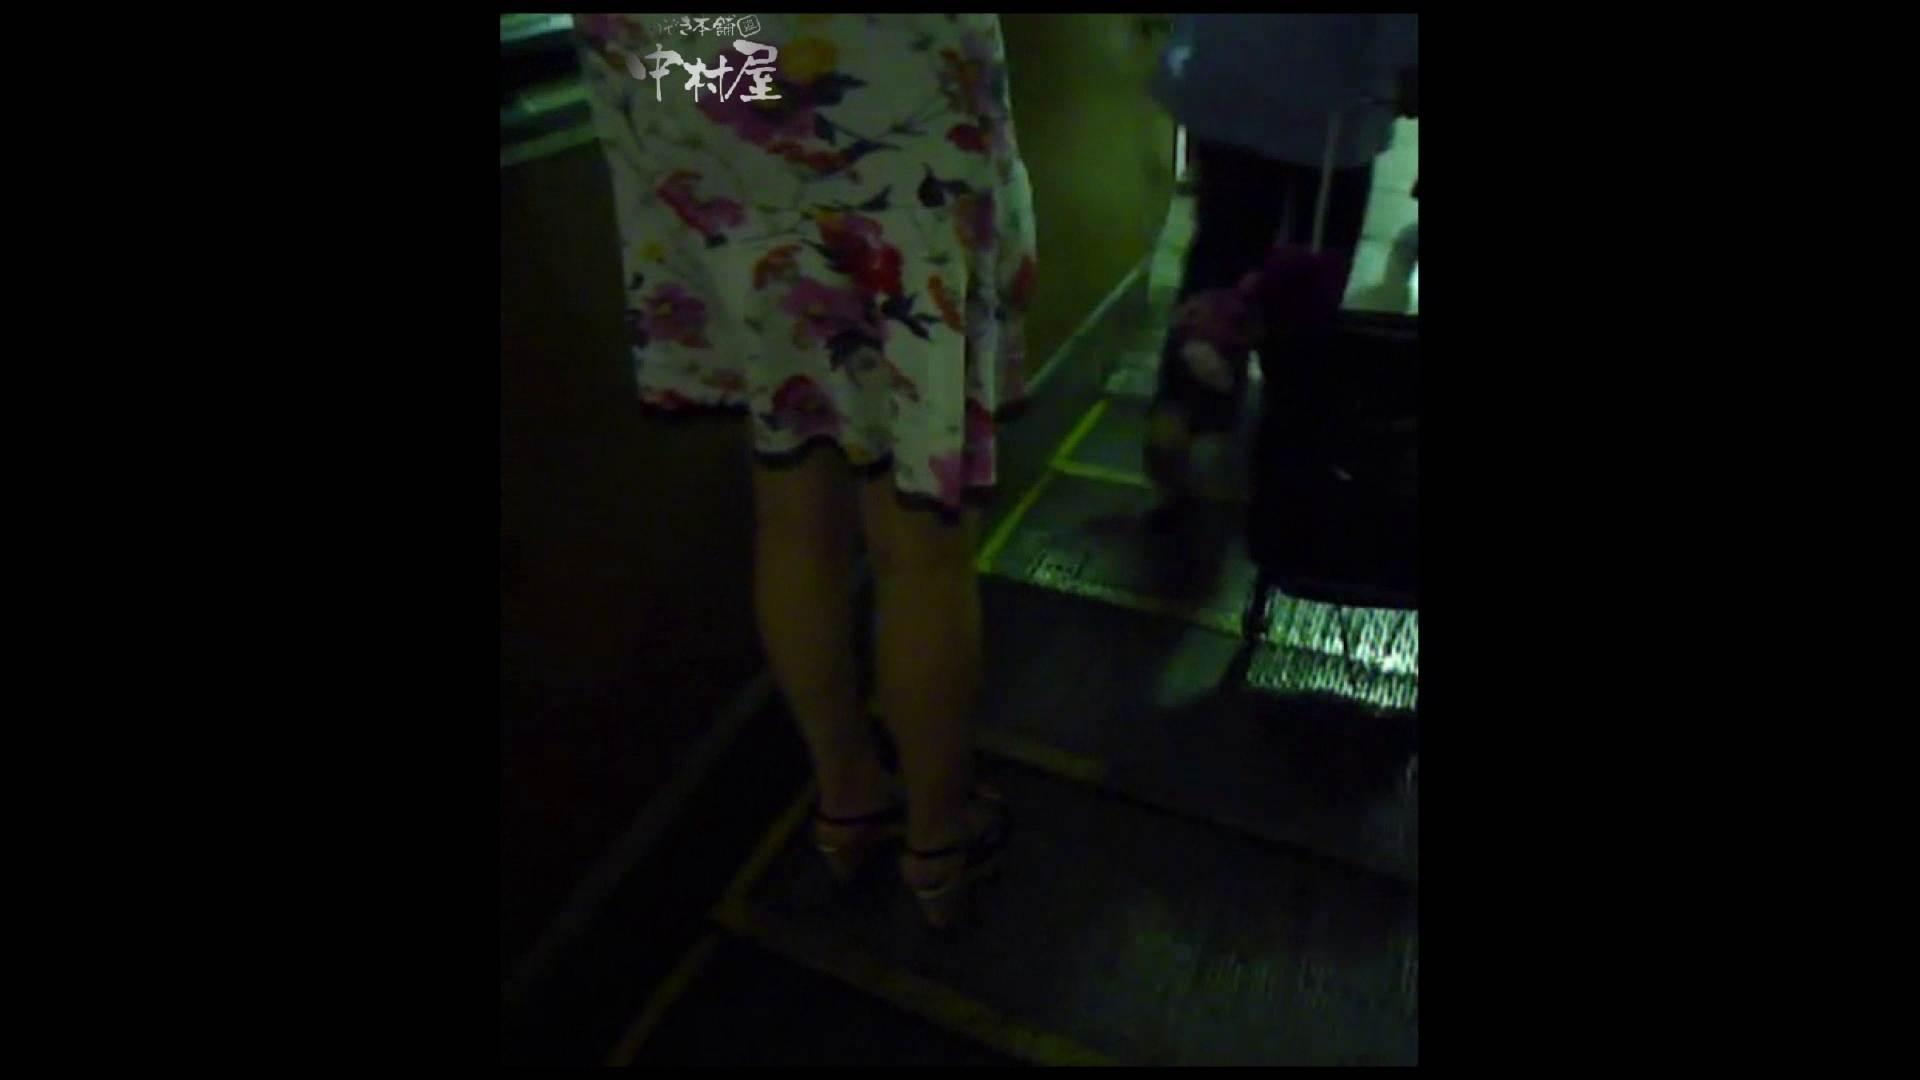 綺麗なモデルさんのスカート捲っちゃおう‼ vol29 お姉さんのエロ生活 ワレメ動画紹介 83連発 77